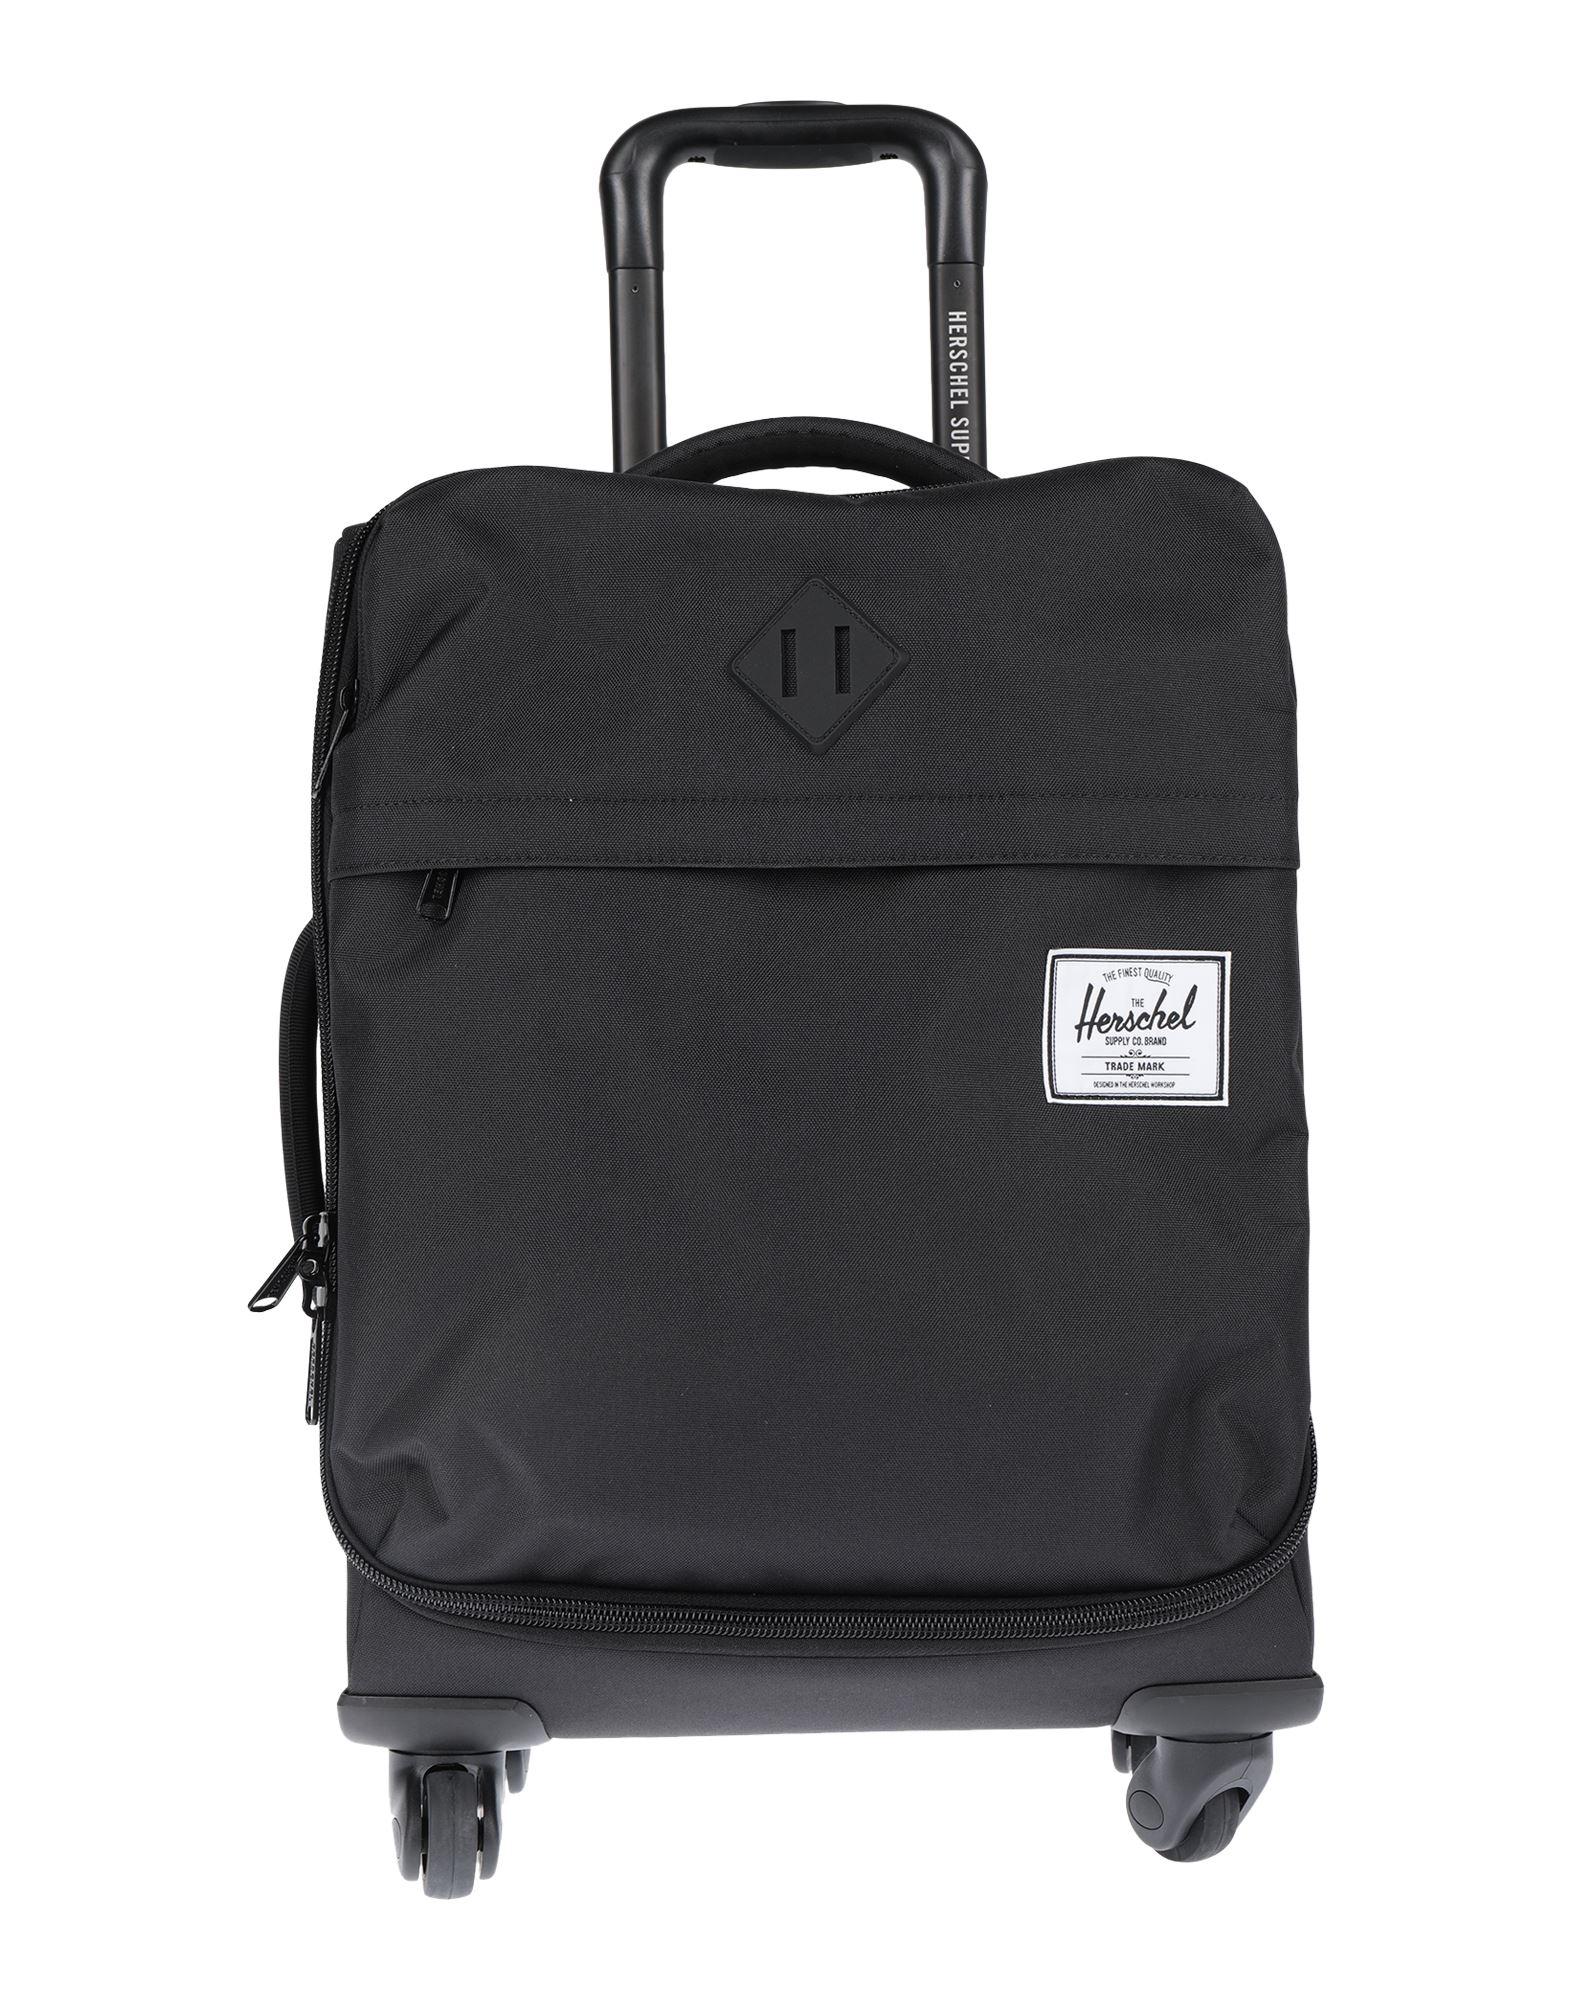 《セール開催中》HERSCHEL SUPPLY CO. Unisex キャスター付きバッグ ブラック ポリエステル 100%